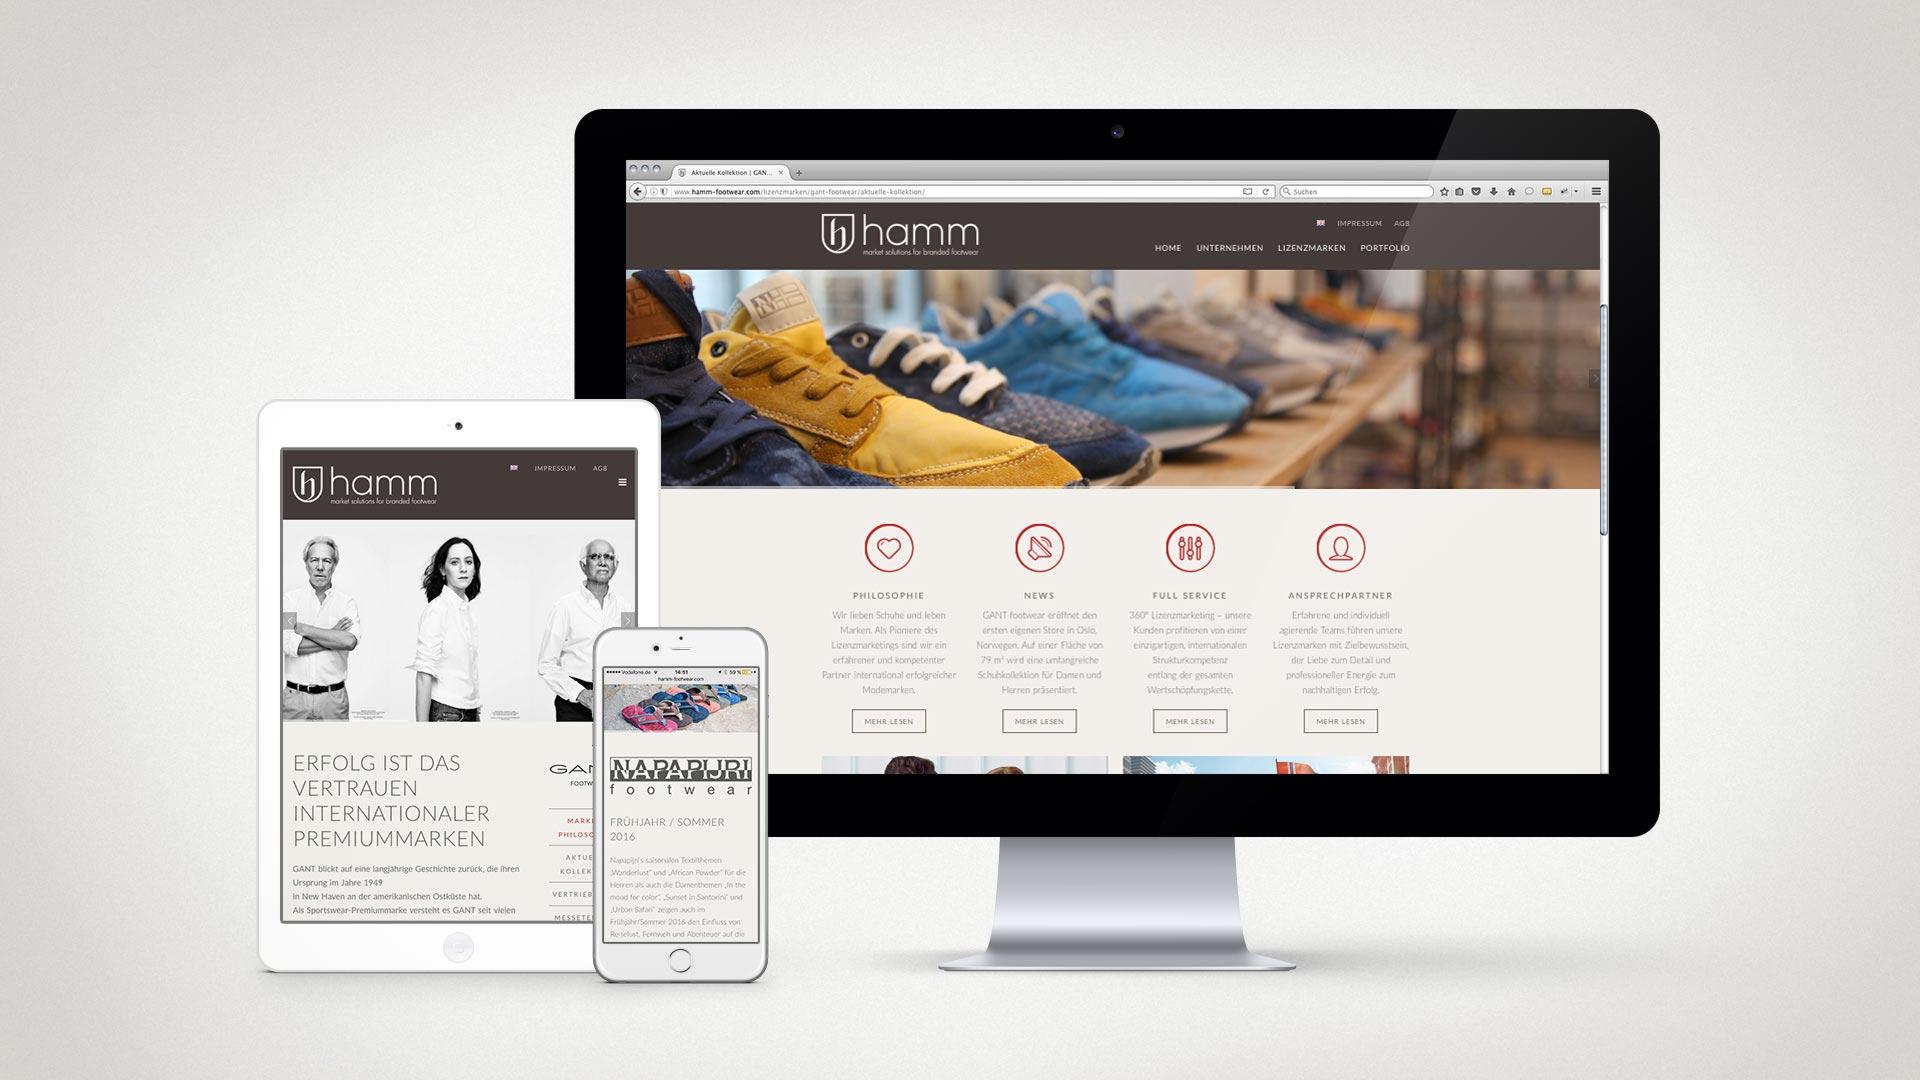 artventura-Projekt Webentwicklung hamm-footwear.com: Responsive Darstellung auf Desktop, Tablet und Smartphone